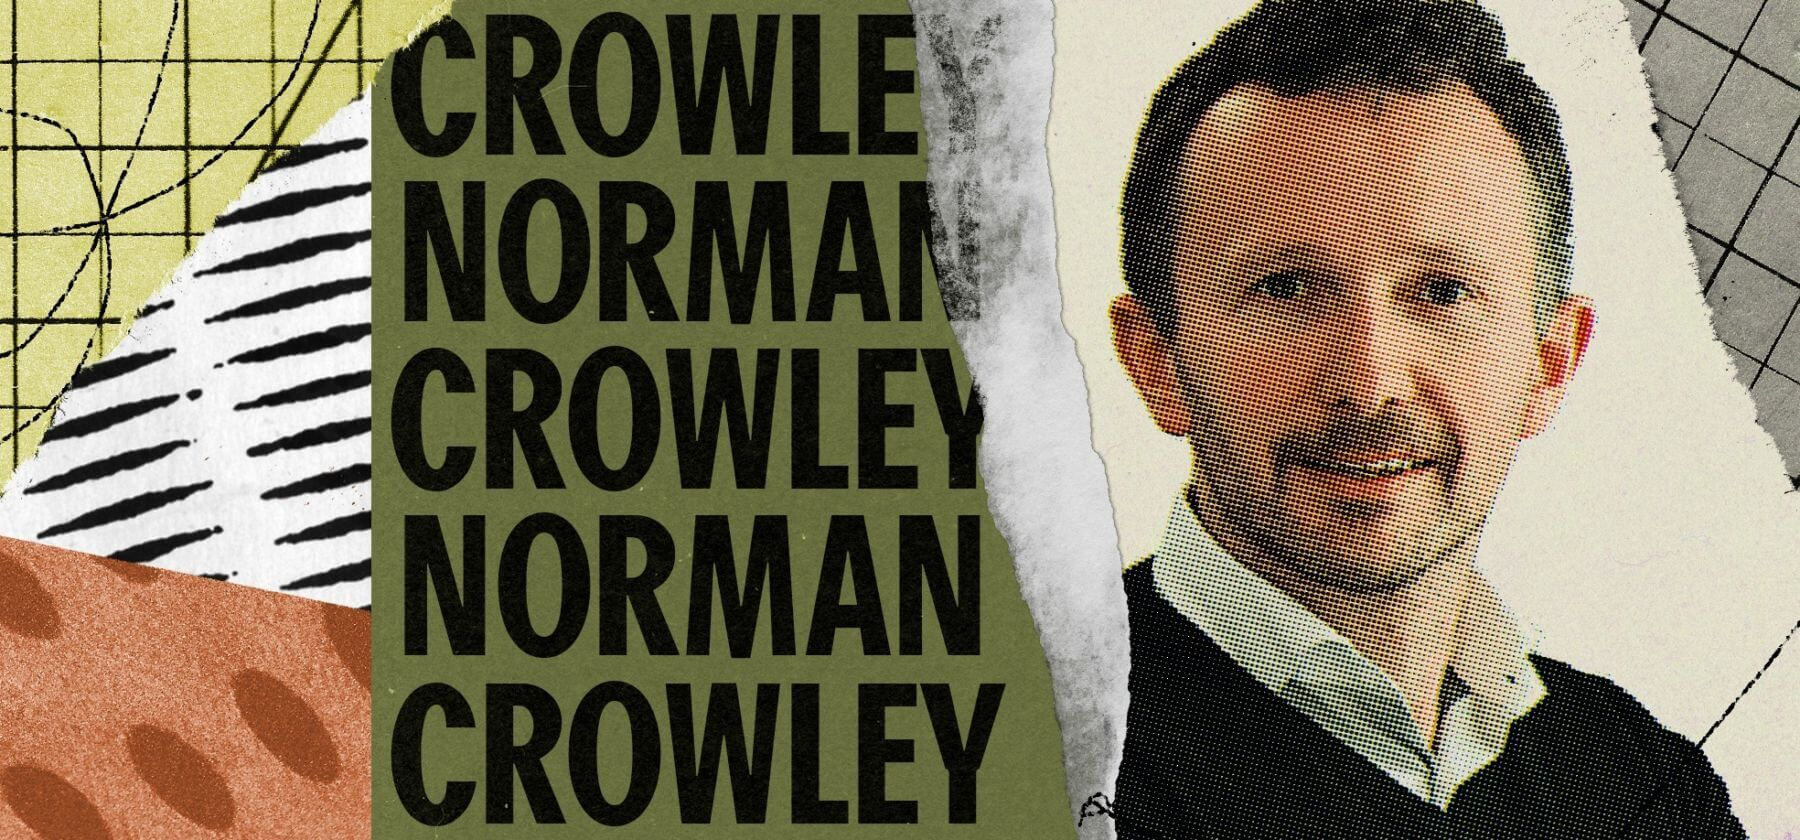 Norman Crowley header image